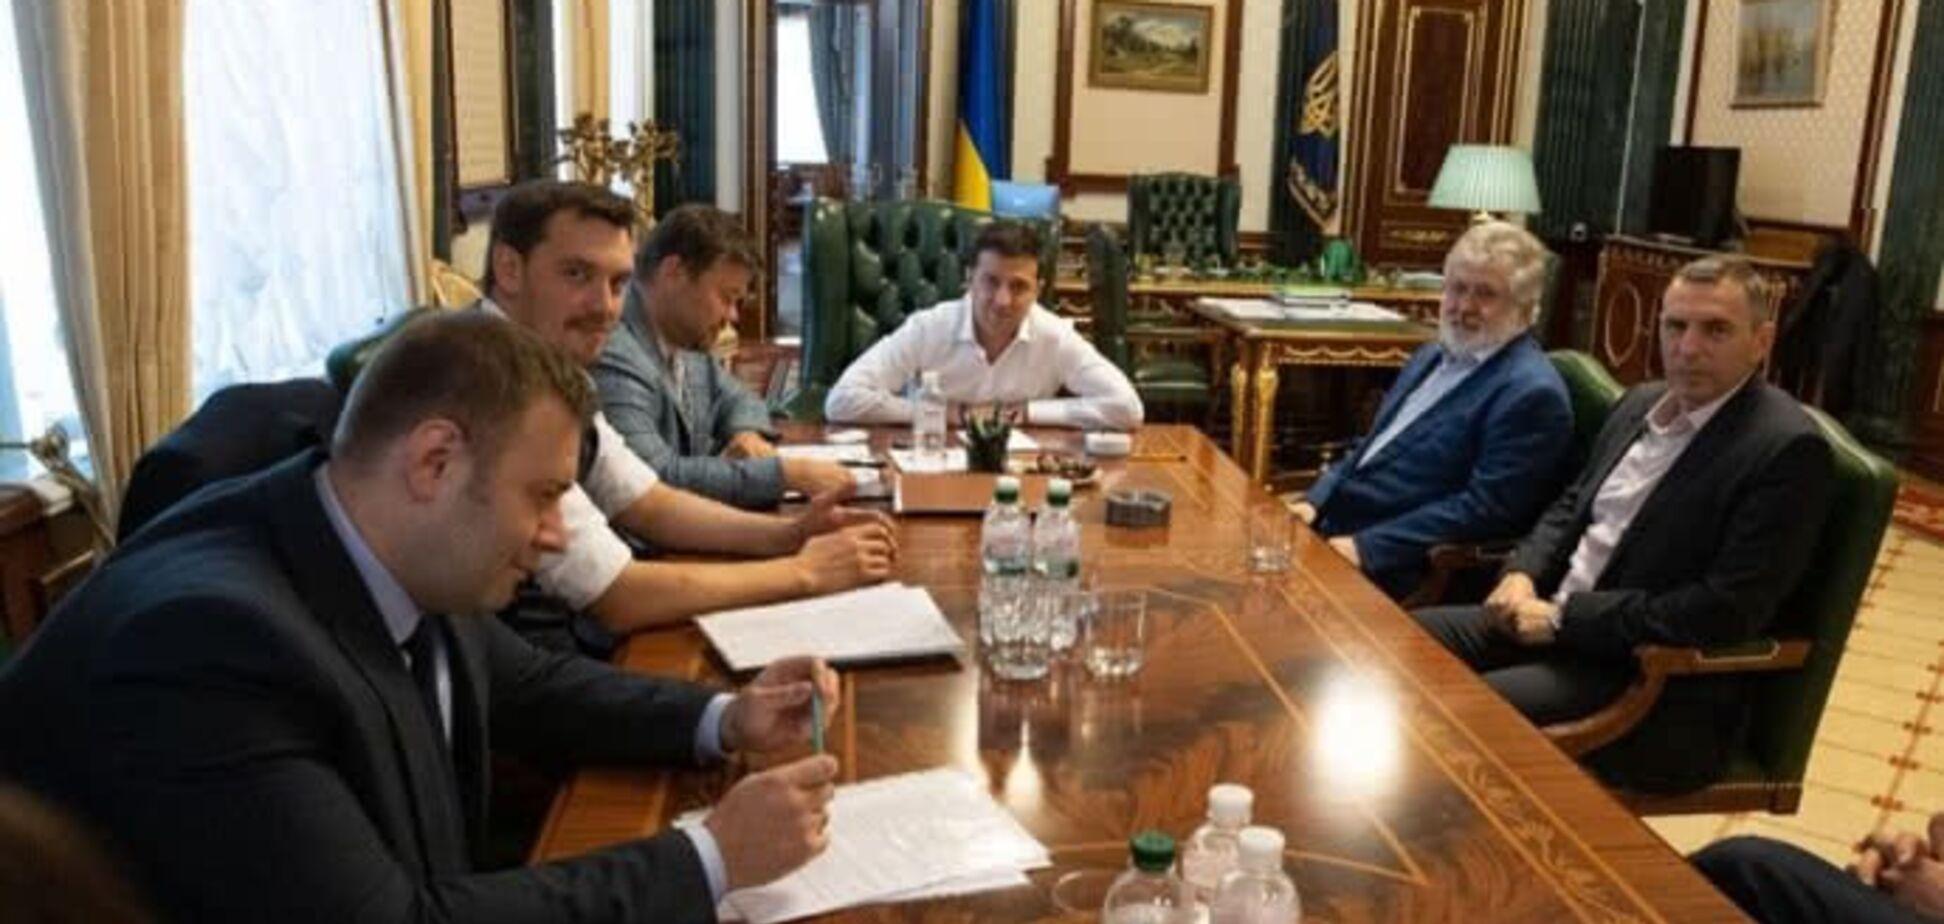 На Западе успех Зеленского связывают с дистанцированием от Коломойского - СМИ